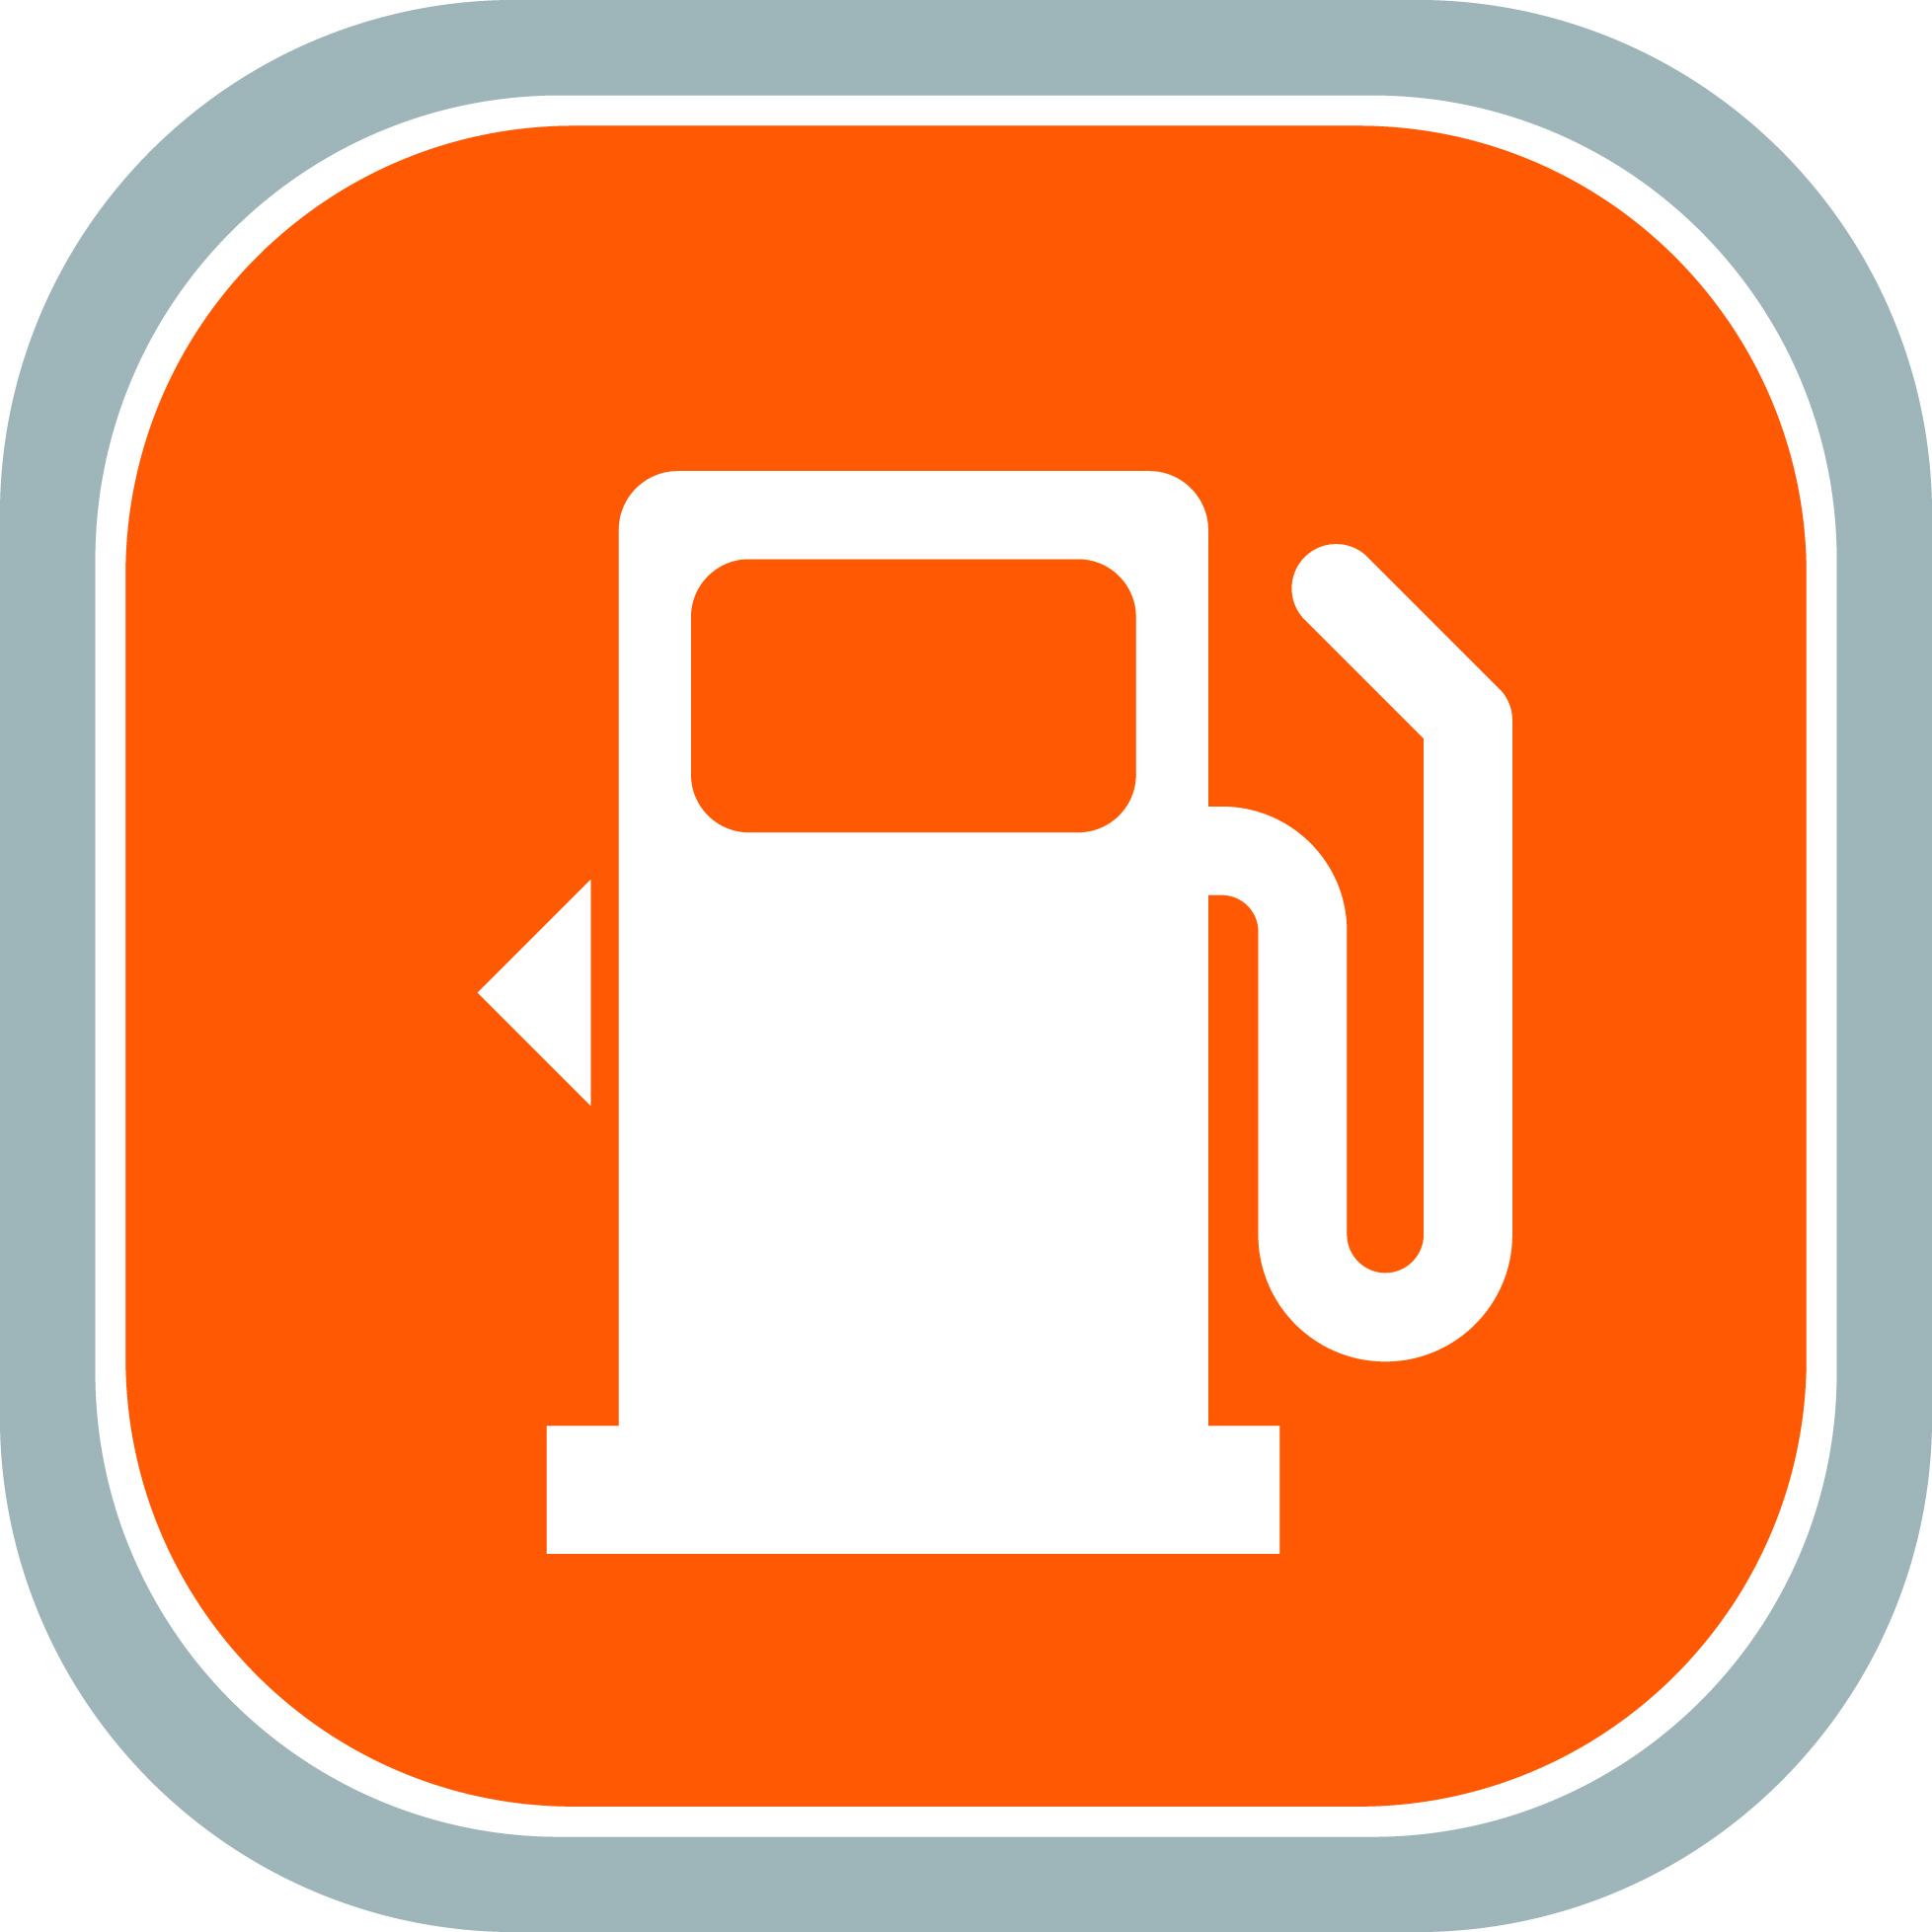 Správa tankovacích karet logo